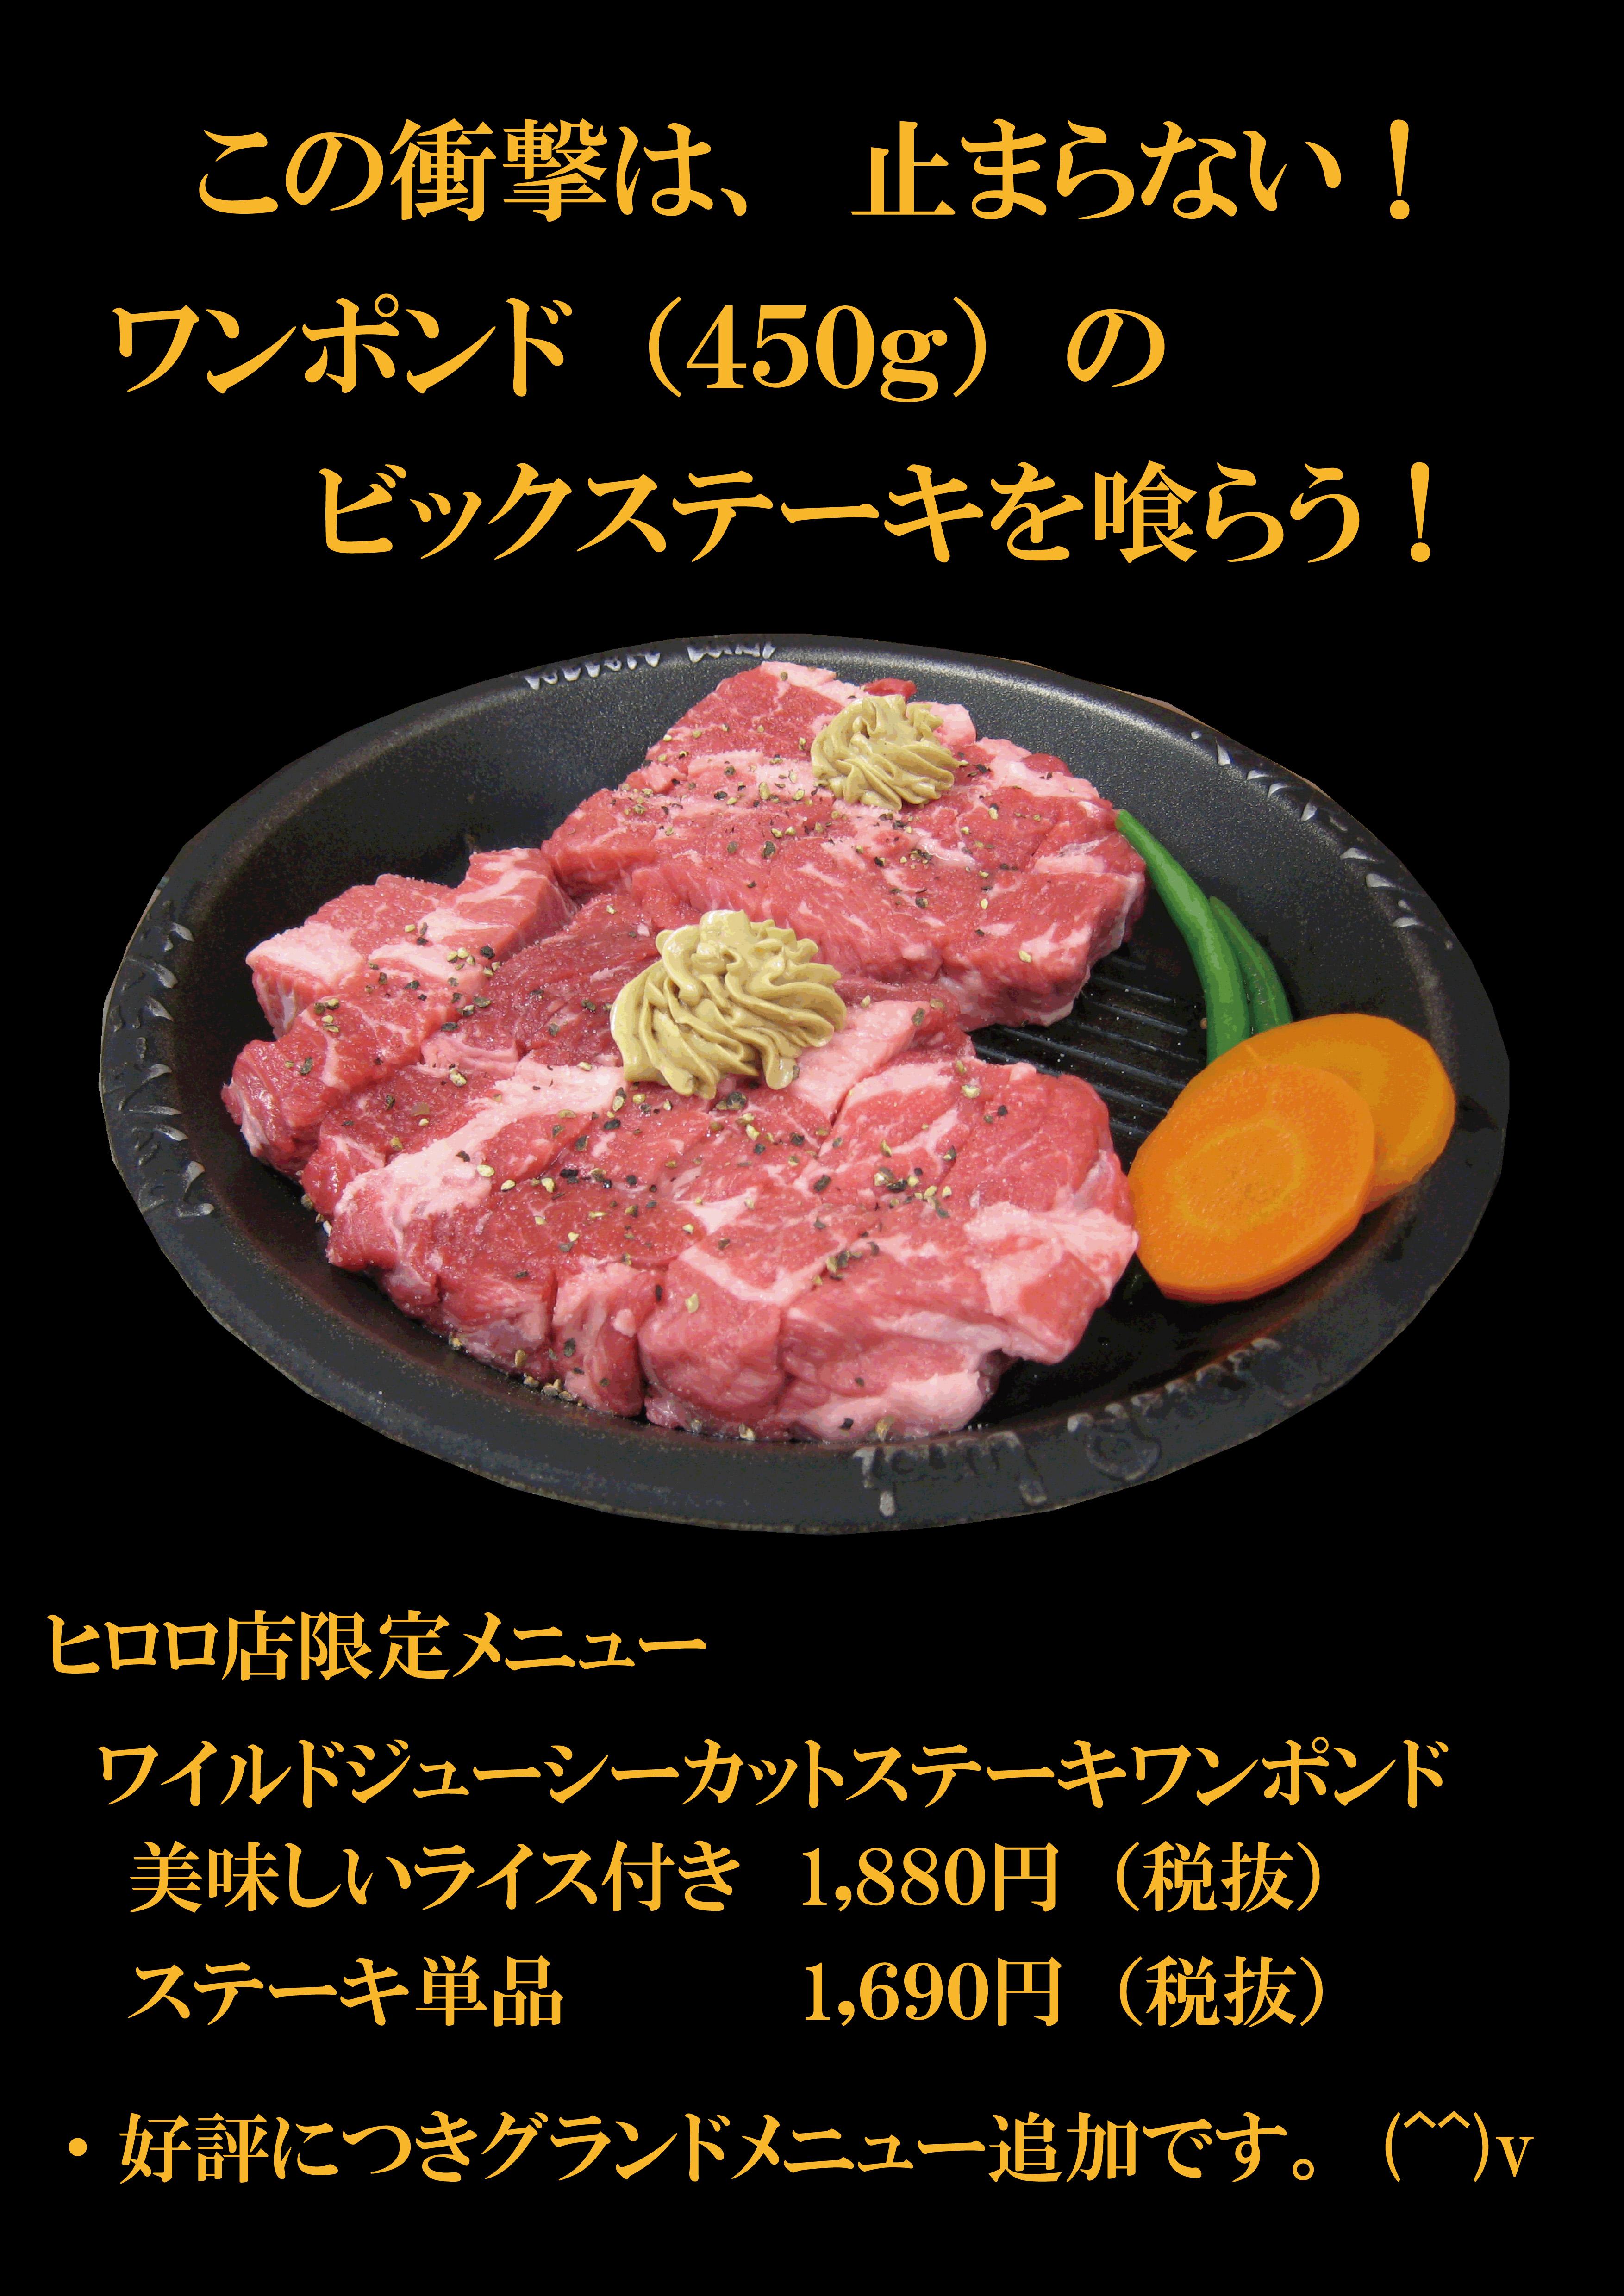 ワンポンド(450g)ステーキ